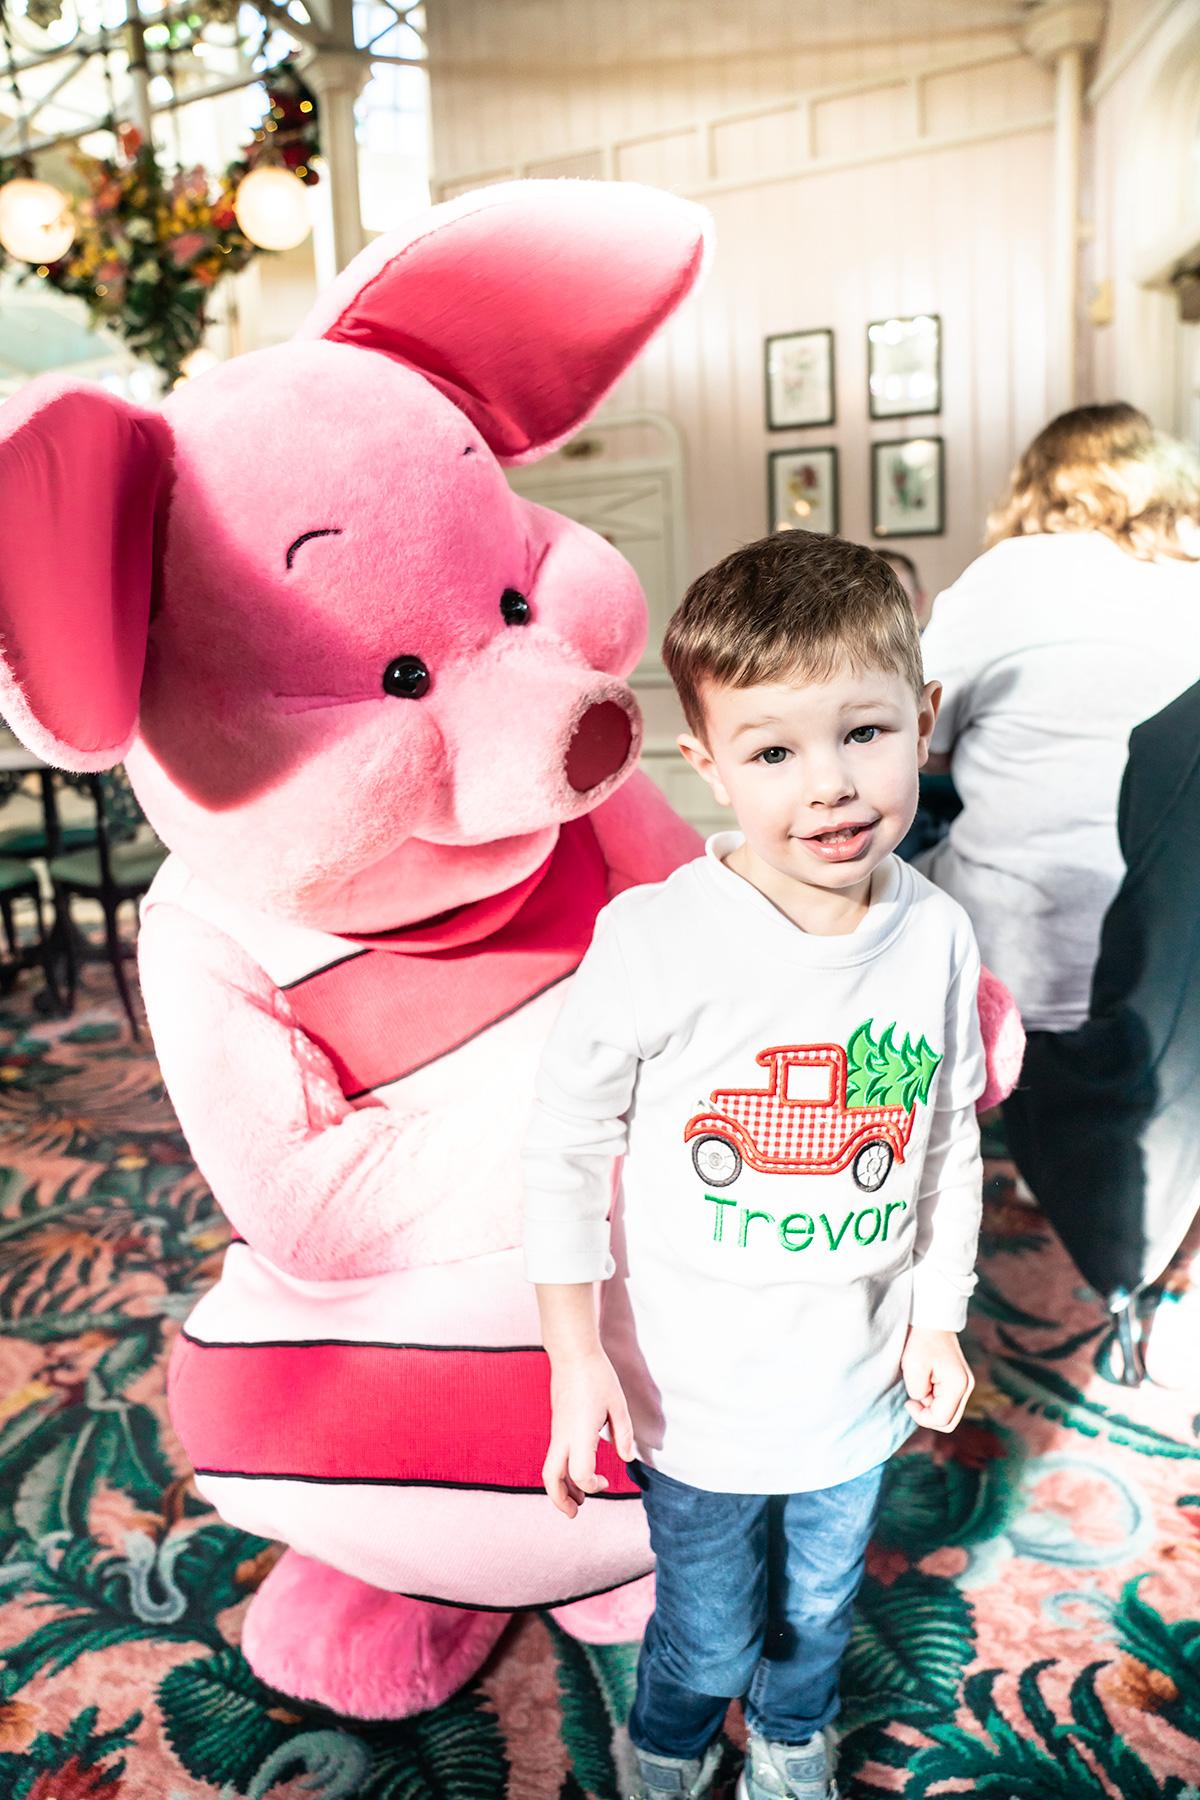 Piglet-at-Winnie-The-Pooh-Character-Breakfast-Magic-kingdom